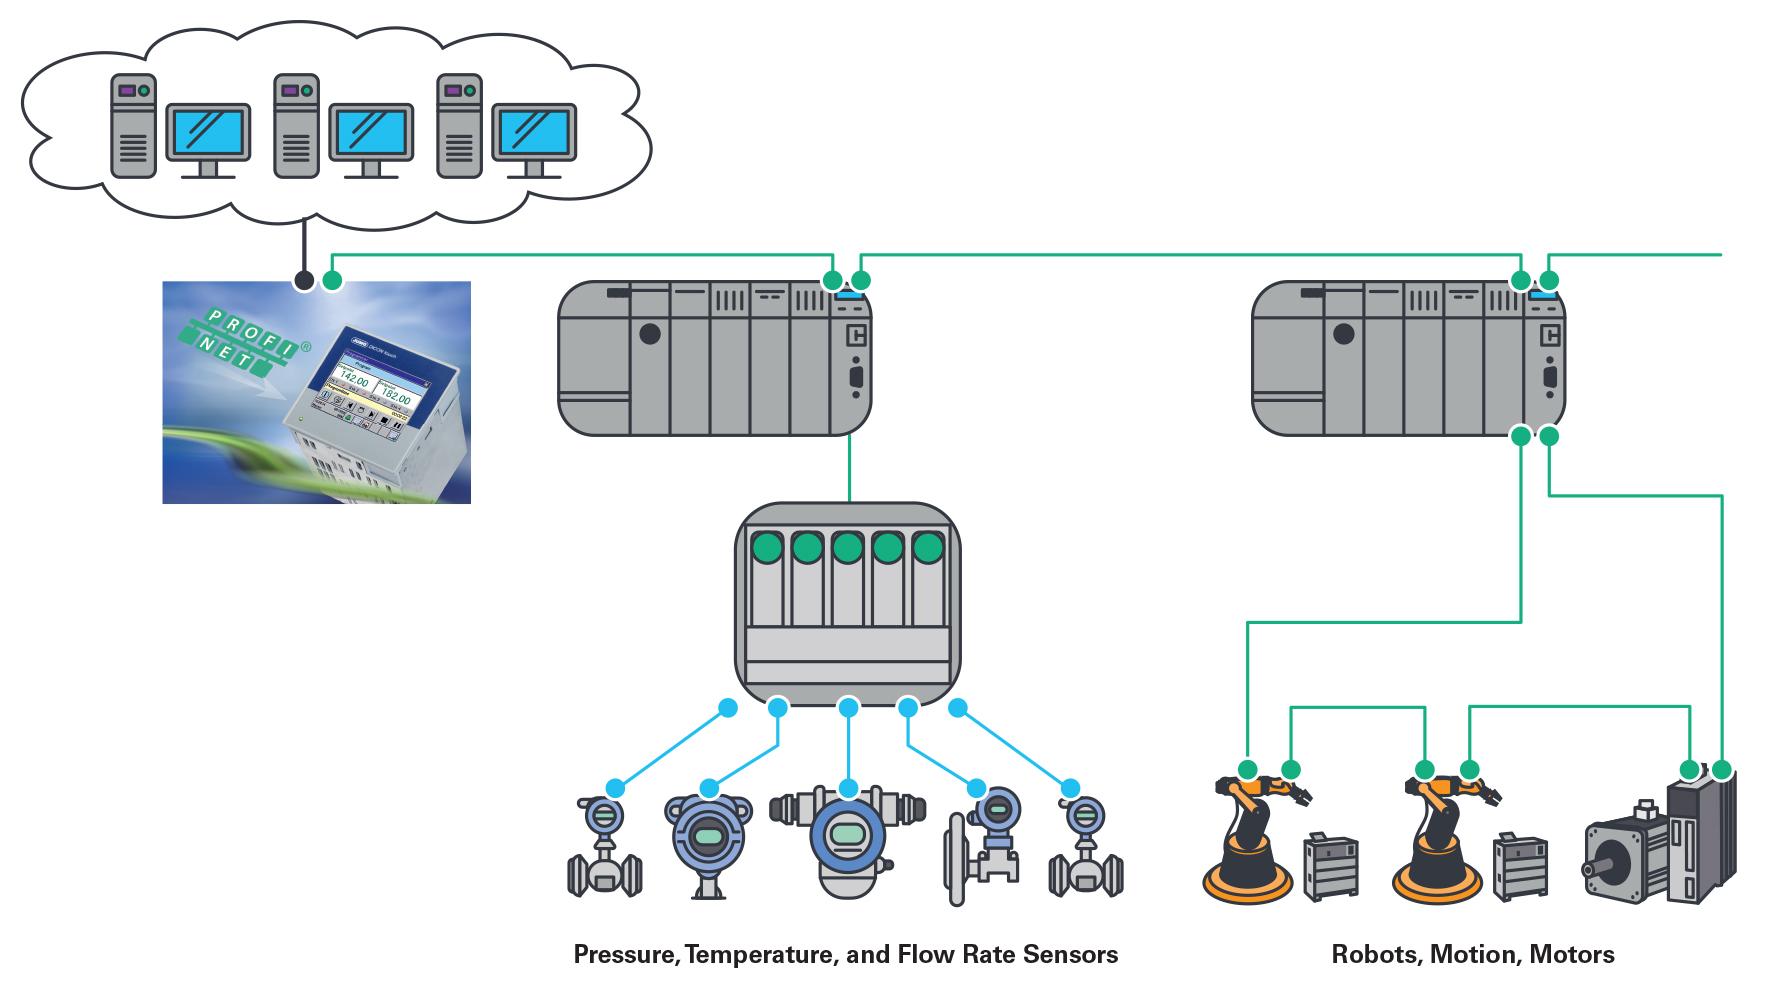 出色的过程自动化通讯解决方案—— ADI公司的fido5000如何帮助JUMO做好准备,迎接工业4.0